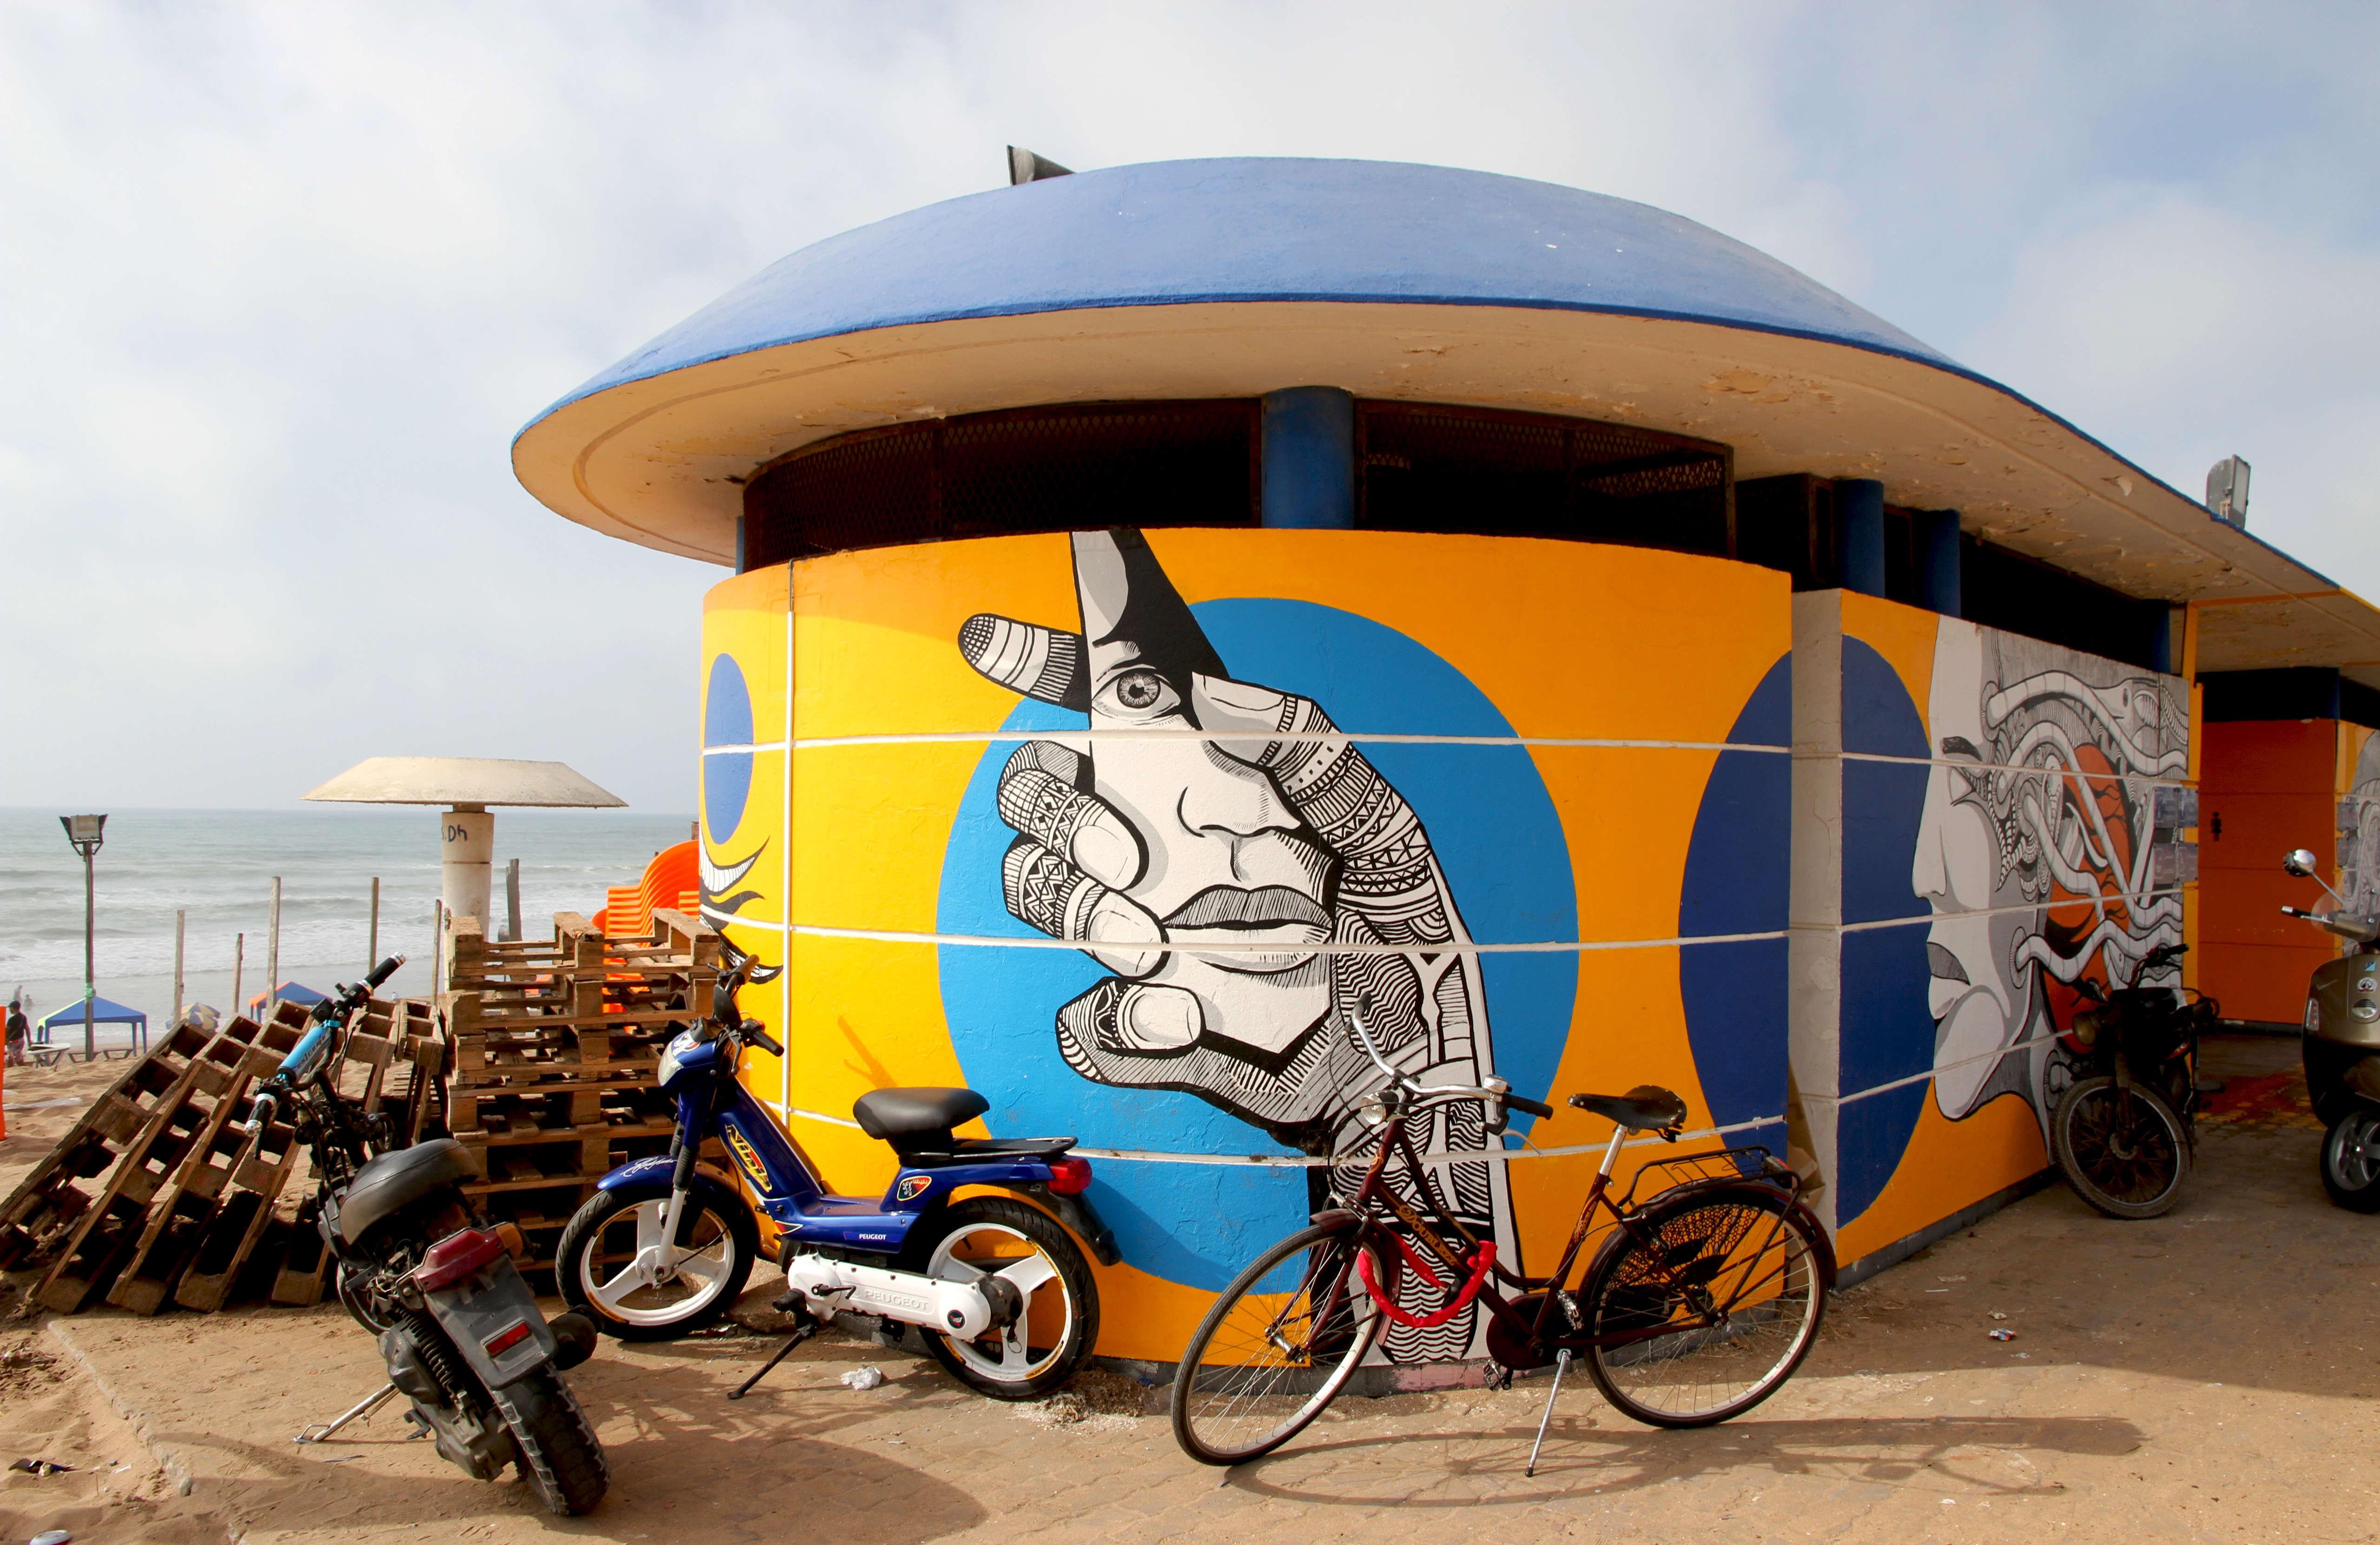 Pour égayer la ville, le street-artiste Rebel Spirit s'est lancé dans une série de fresques murales qui propose un itinéraire de Casablanca à travers l'art.